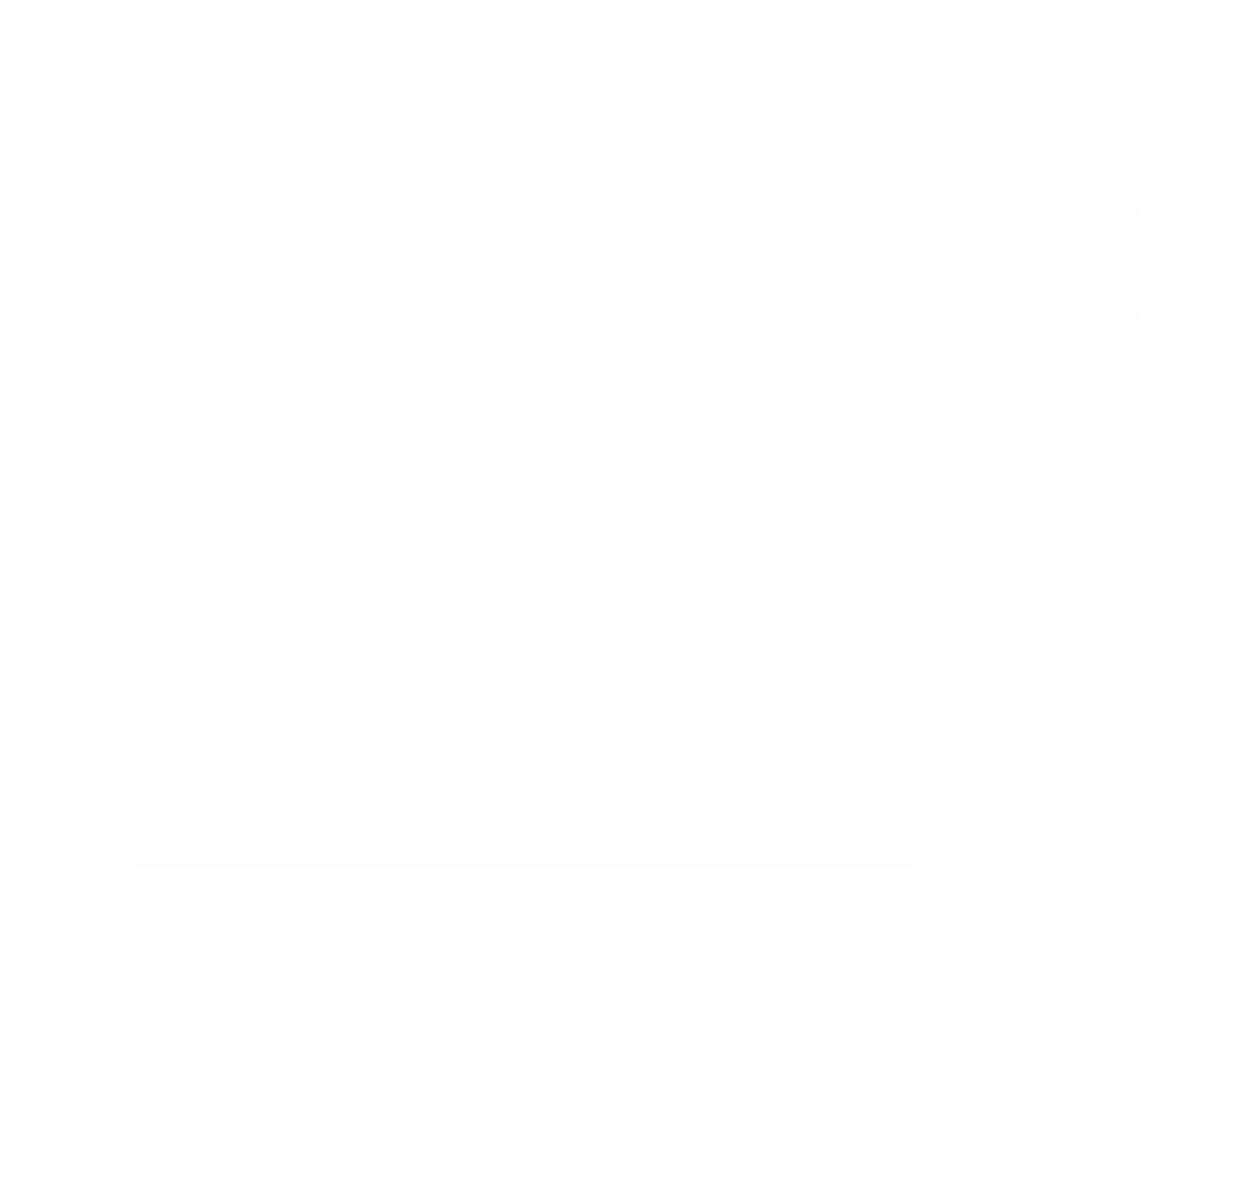 LP Events Calgary